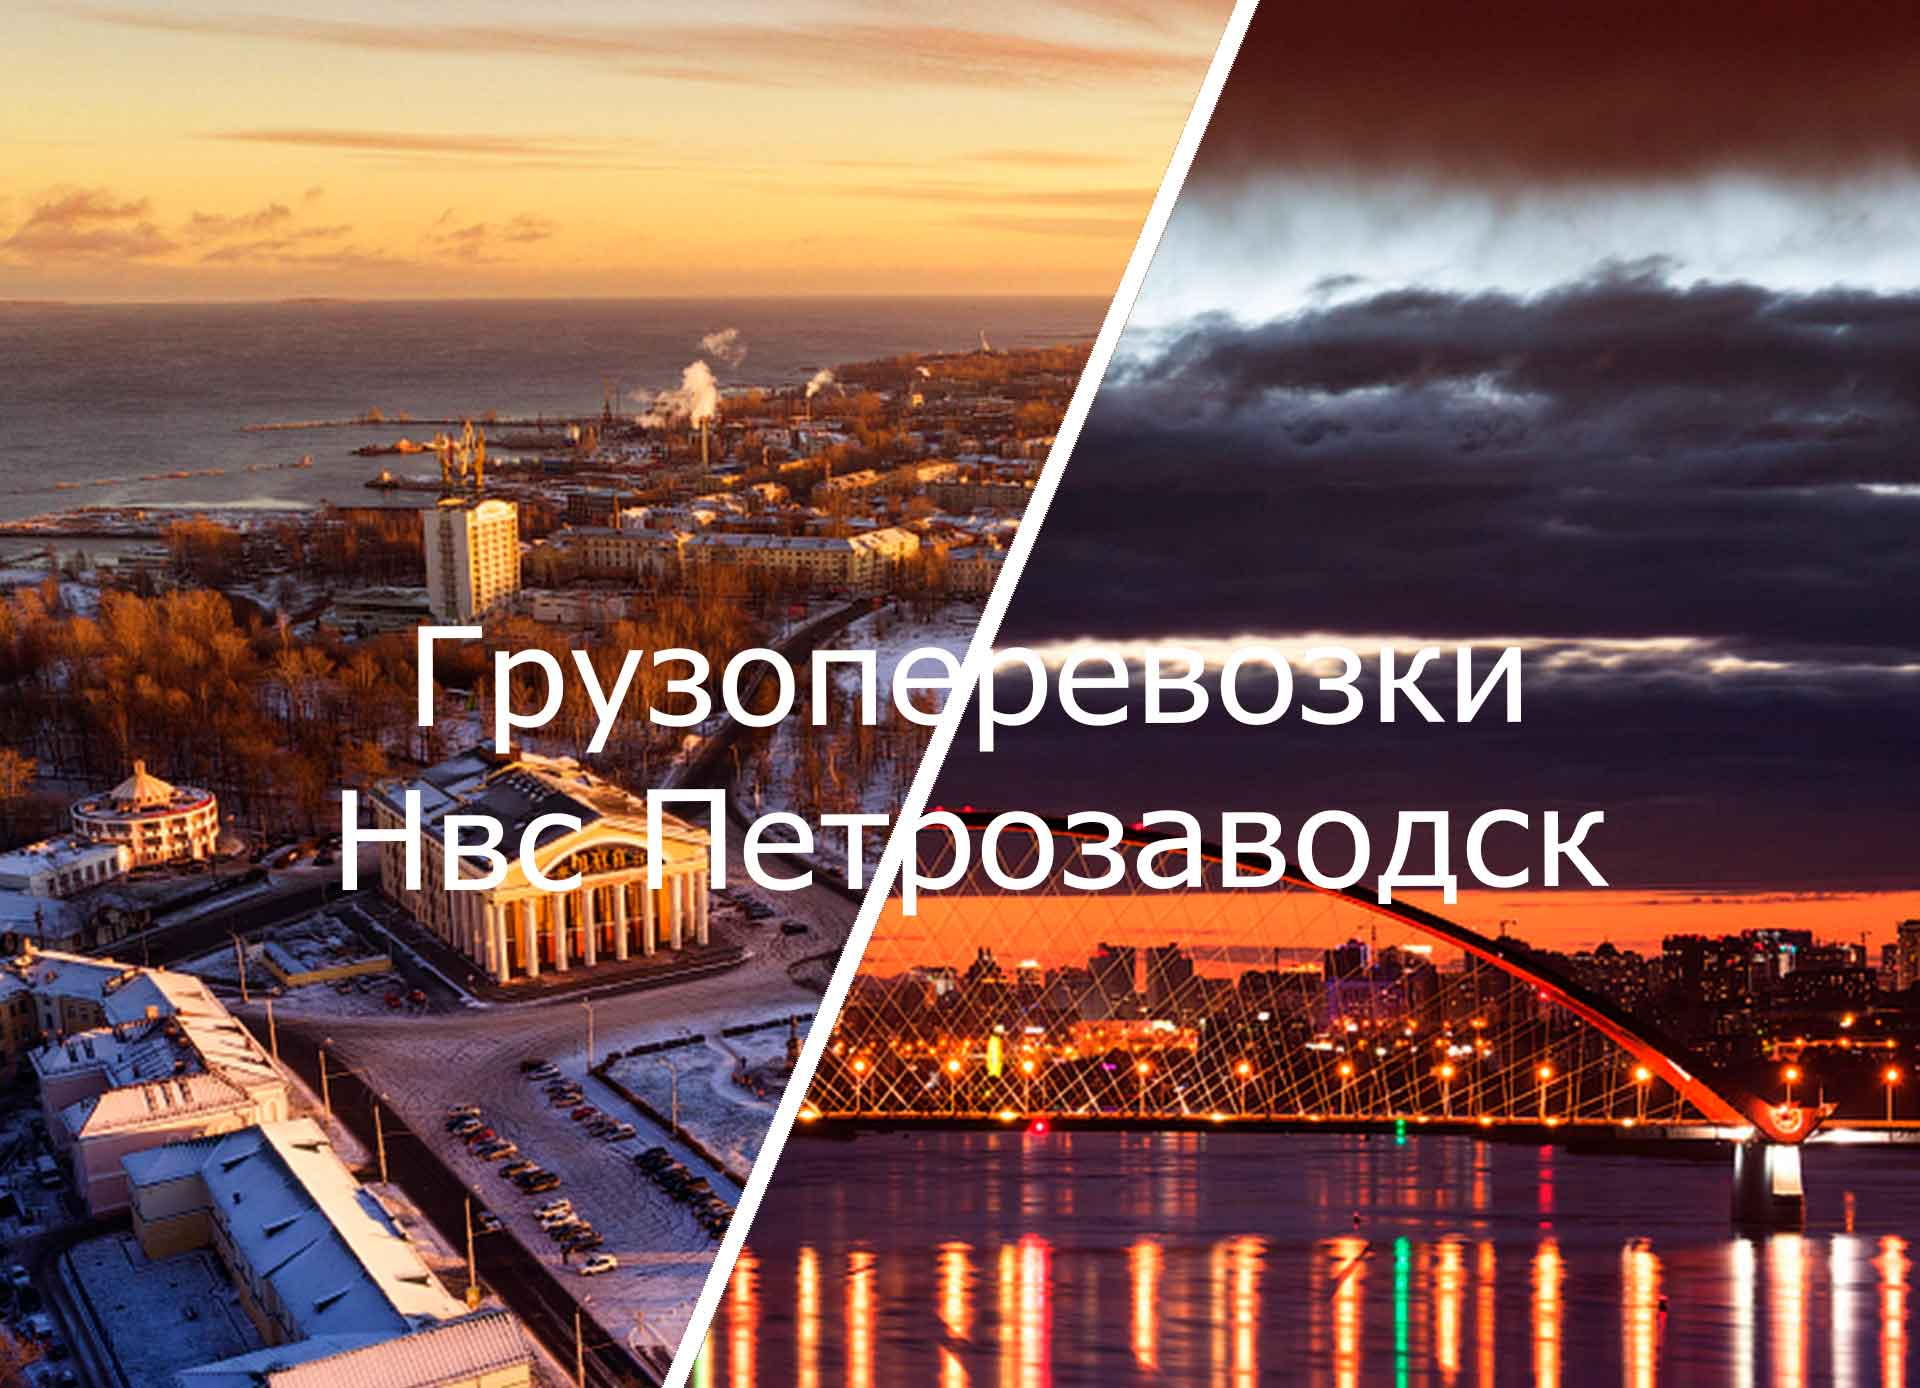 грузоперевозки новосибирск петрозаводск